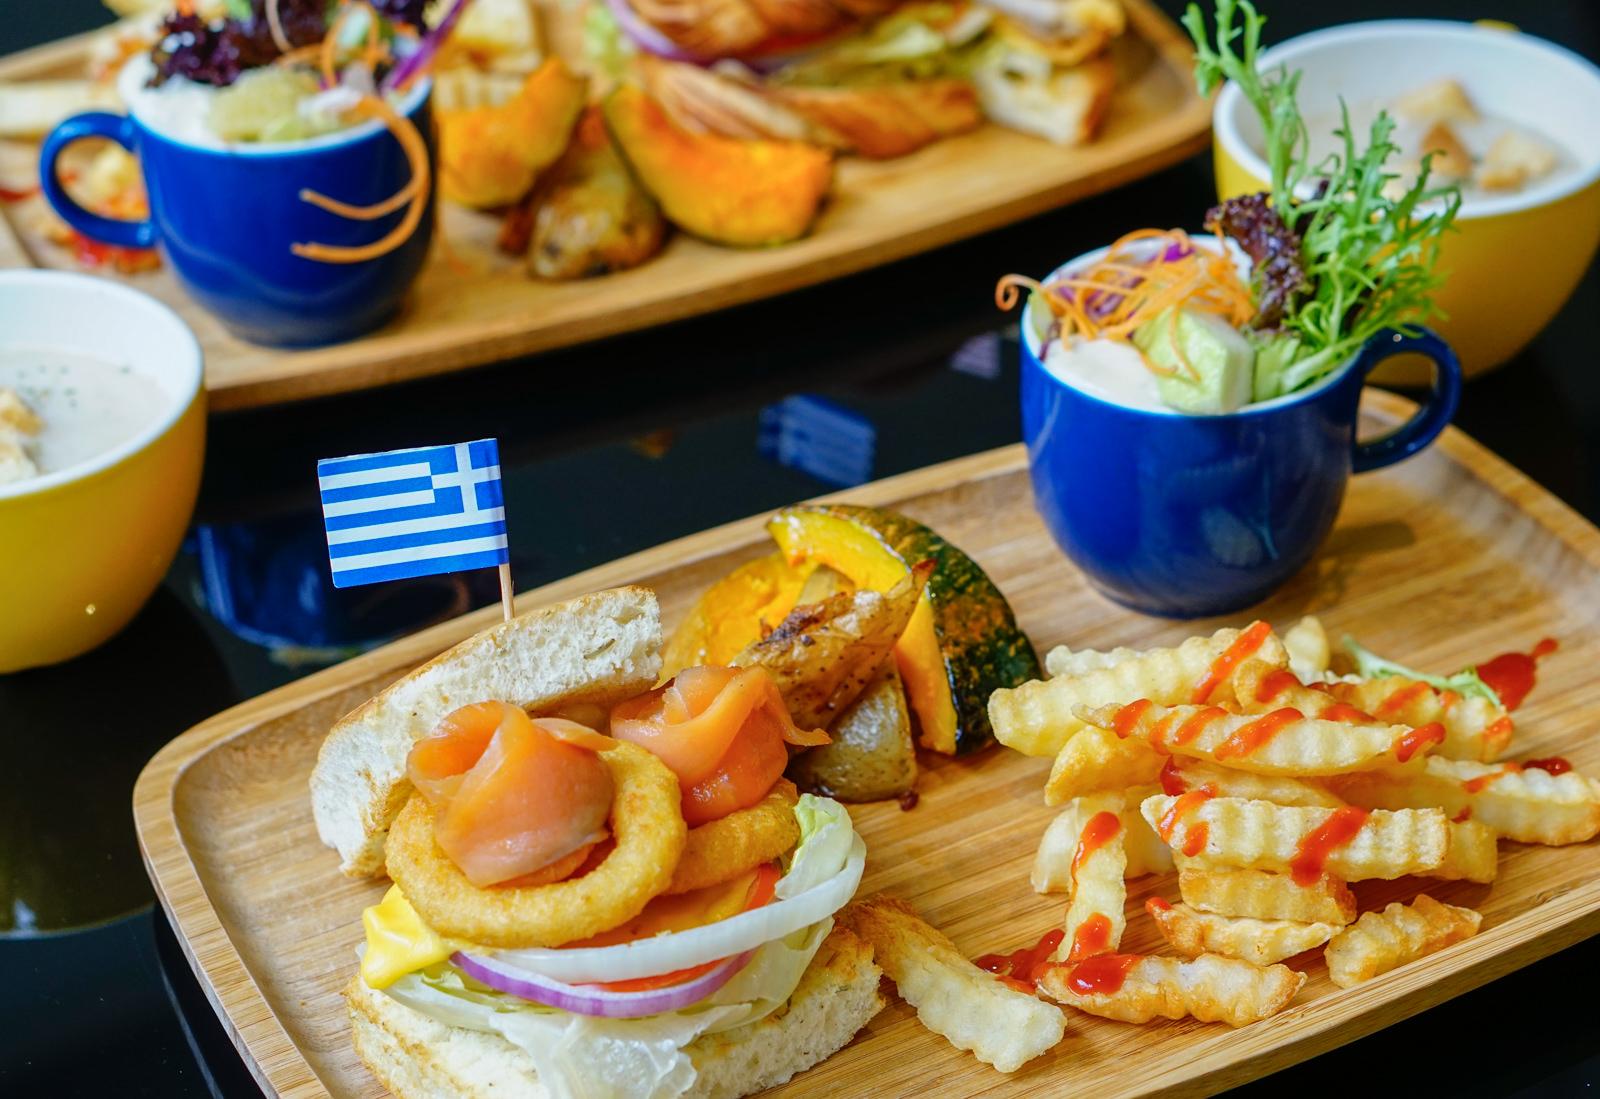 [高雄]世奇文創餐廳-200均一價超澎湃早午餐 氣氛好藝術壁畫餐廳 高雄早午餐推薦